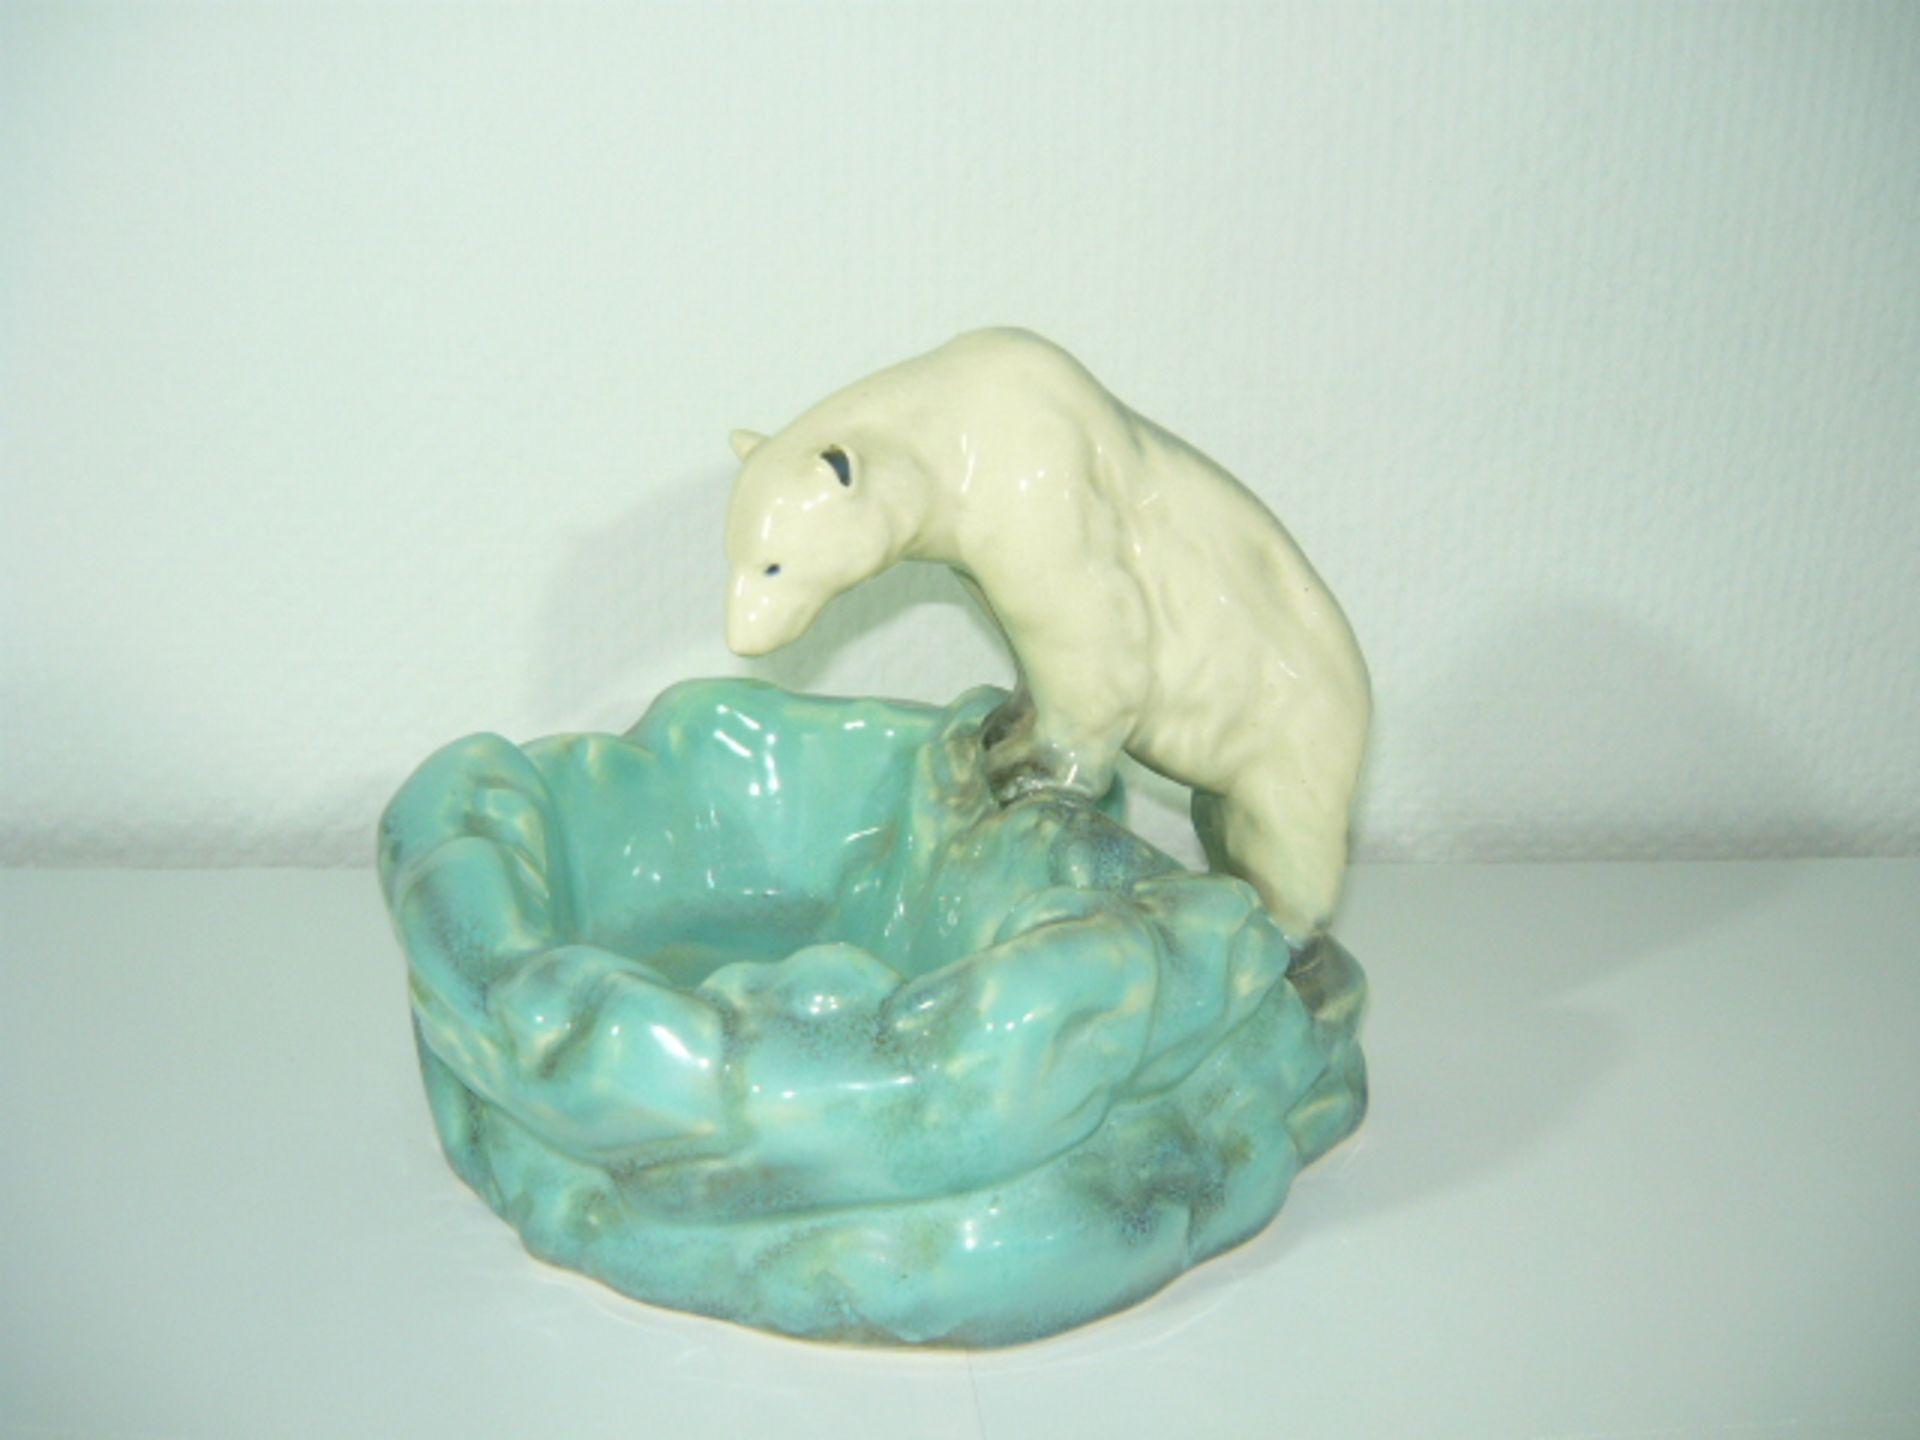 Eisbärenschale. Fayenceart. Handbemalt. Um oder nach 1900. H. ca. 20, B. ca. 25cm. KOSTENLOSER